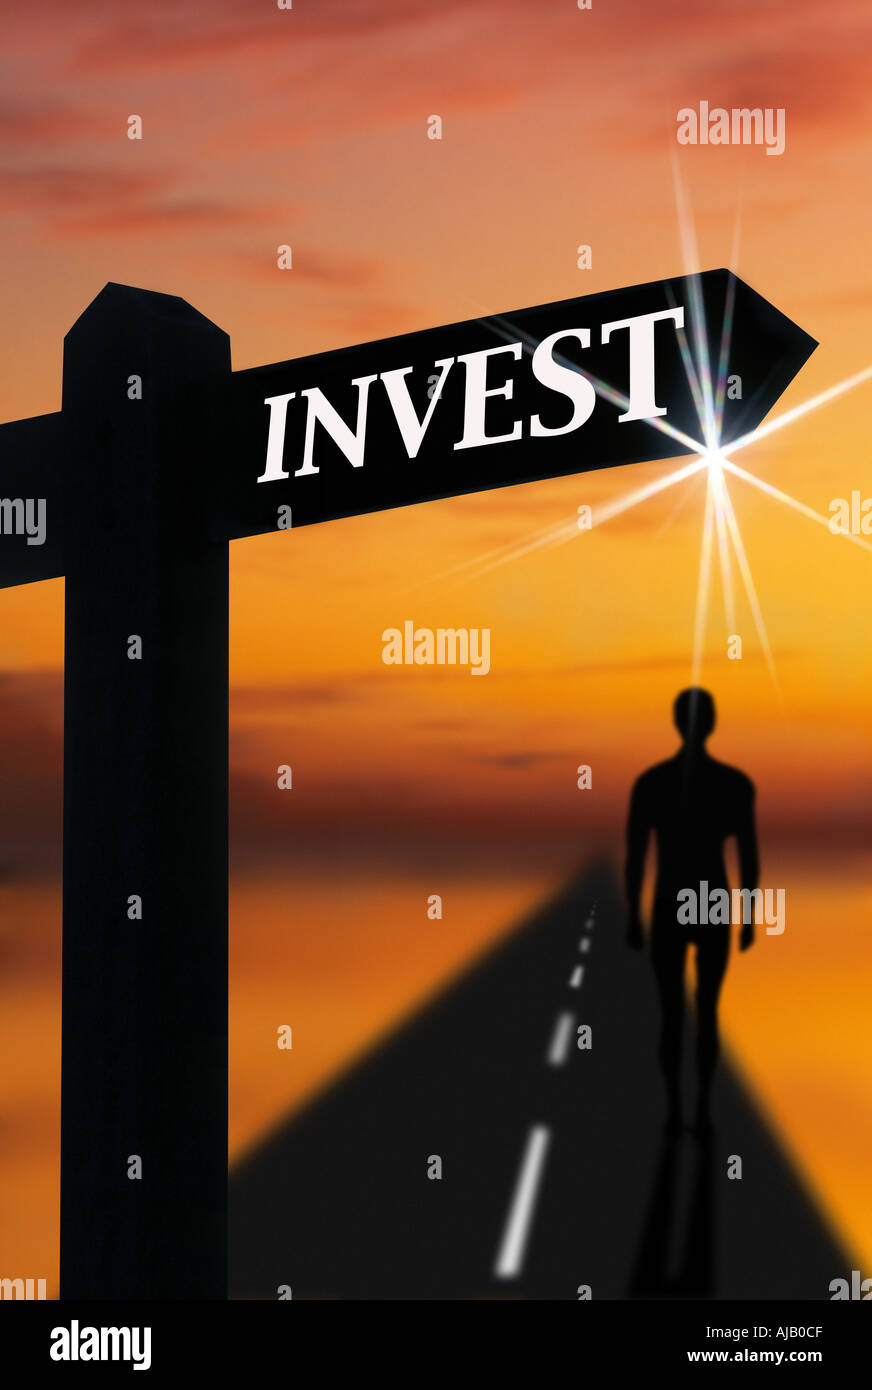 Panneau routier indiquant à investir Photo Stock